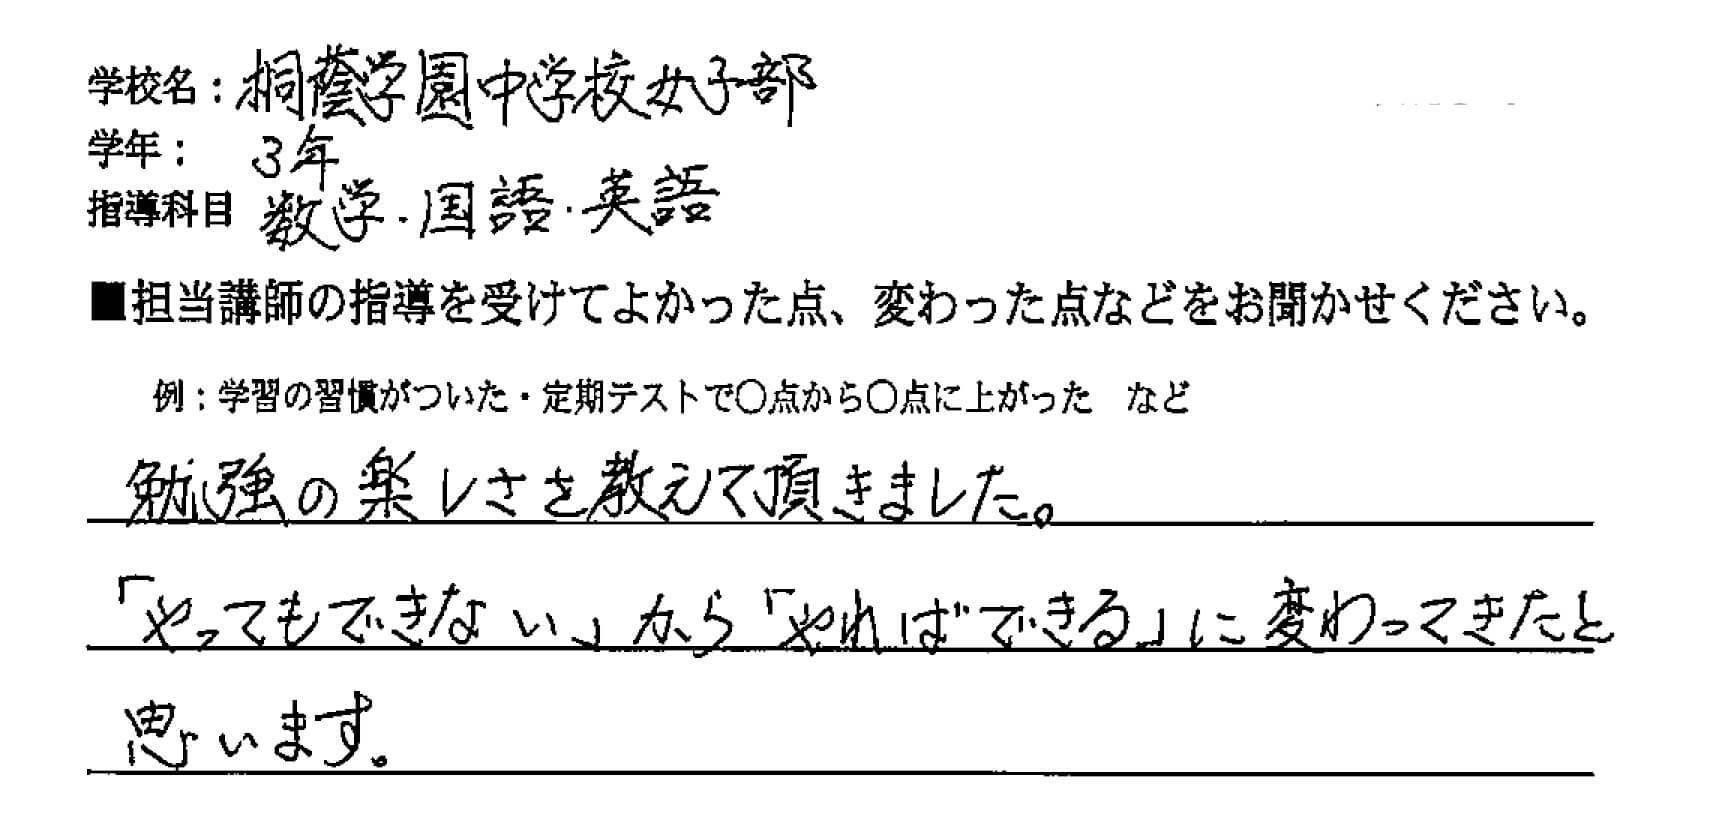 桐蔭学園中学校女子部 3年 R・Kさん